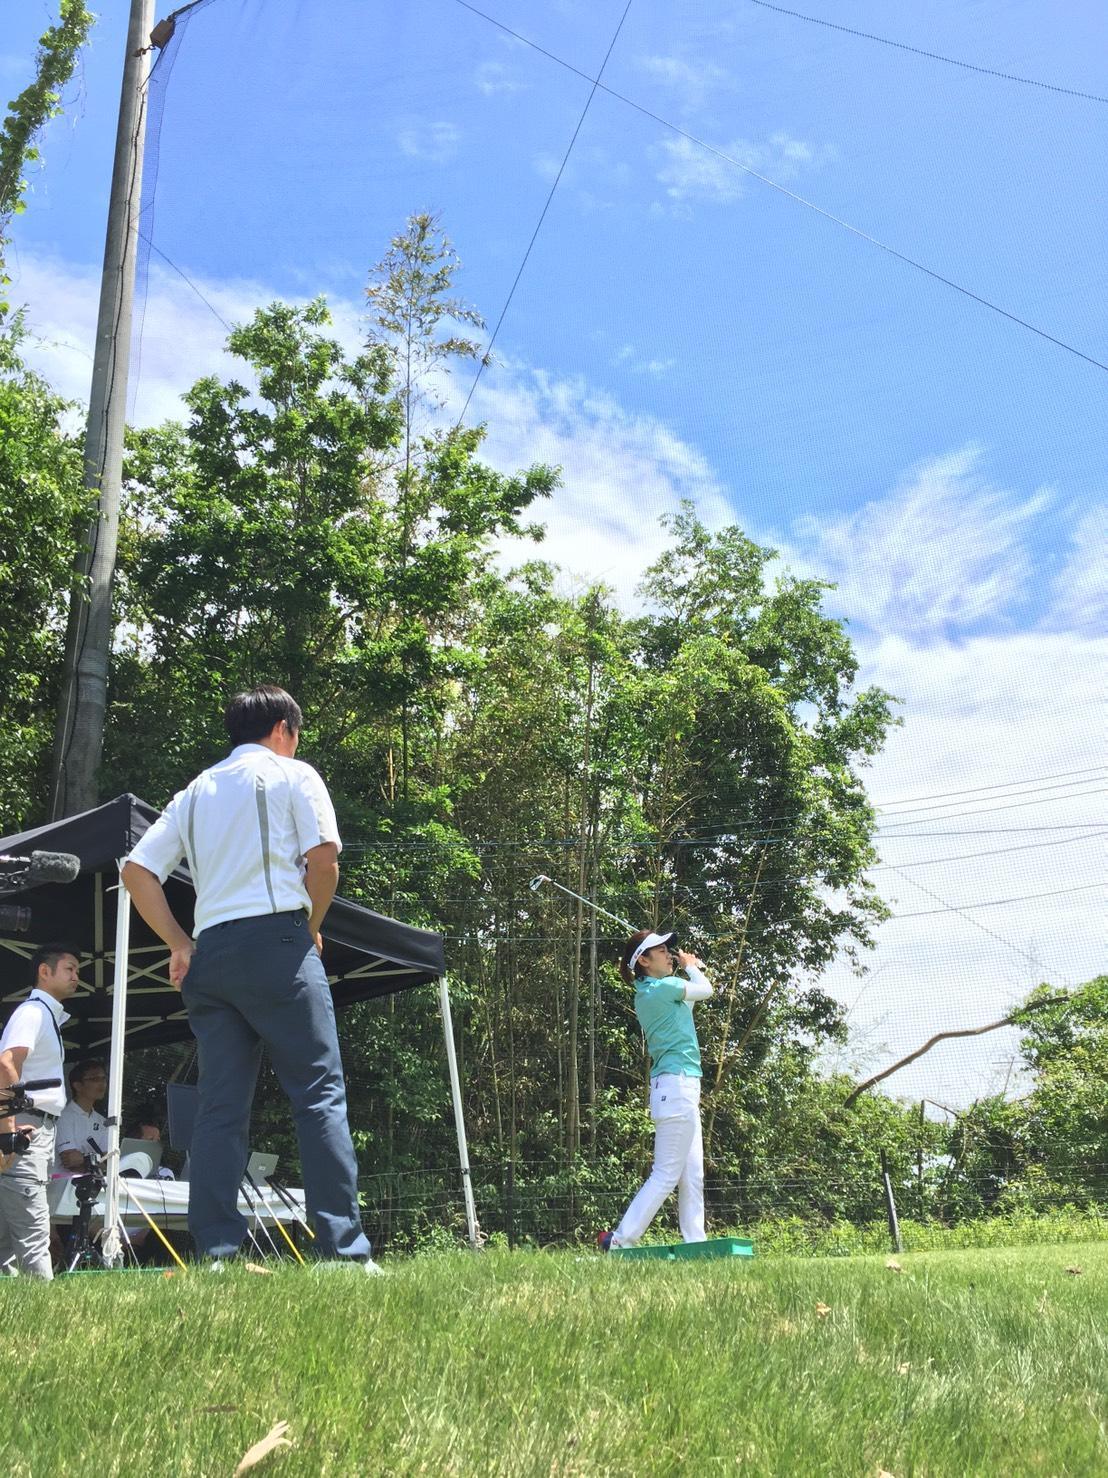 https://www.bs-golf.com/pro/IMG_3900.JPG